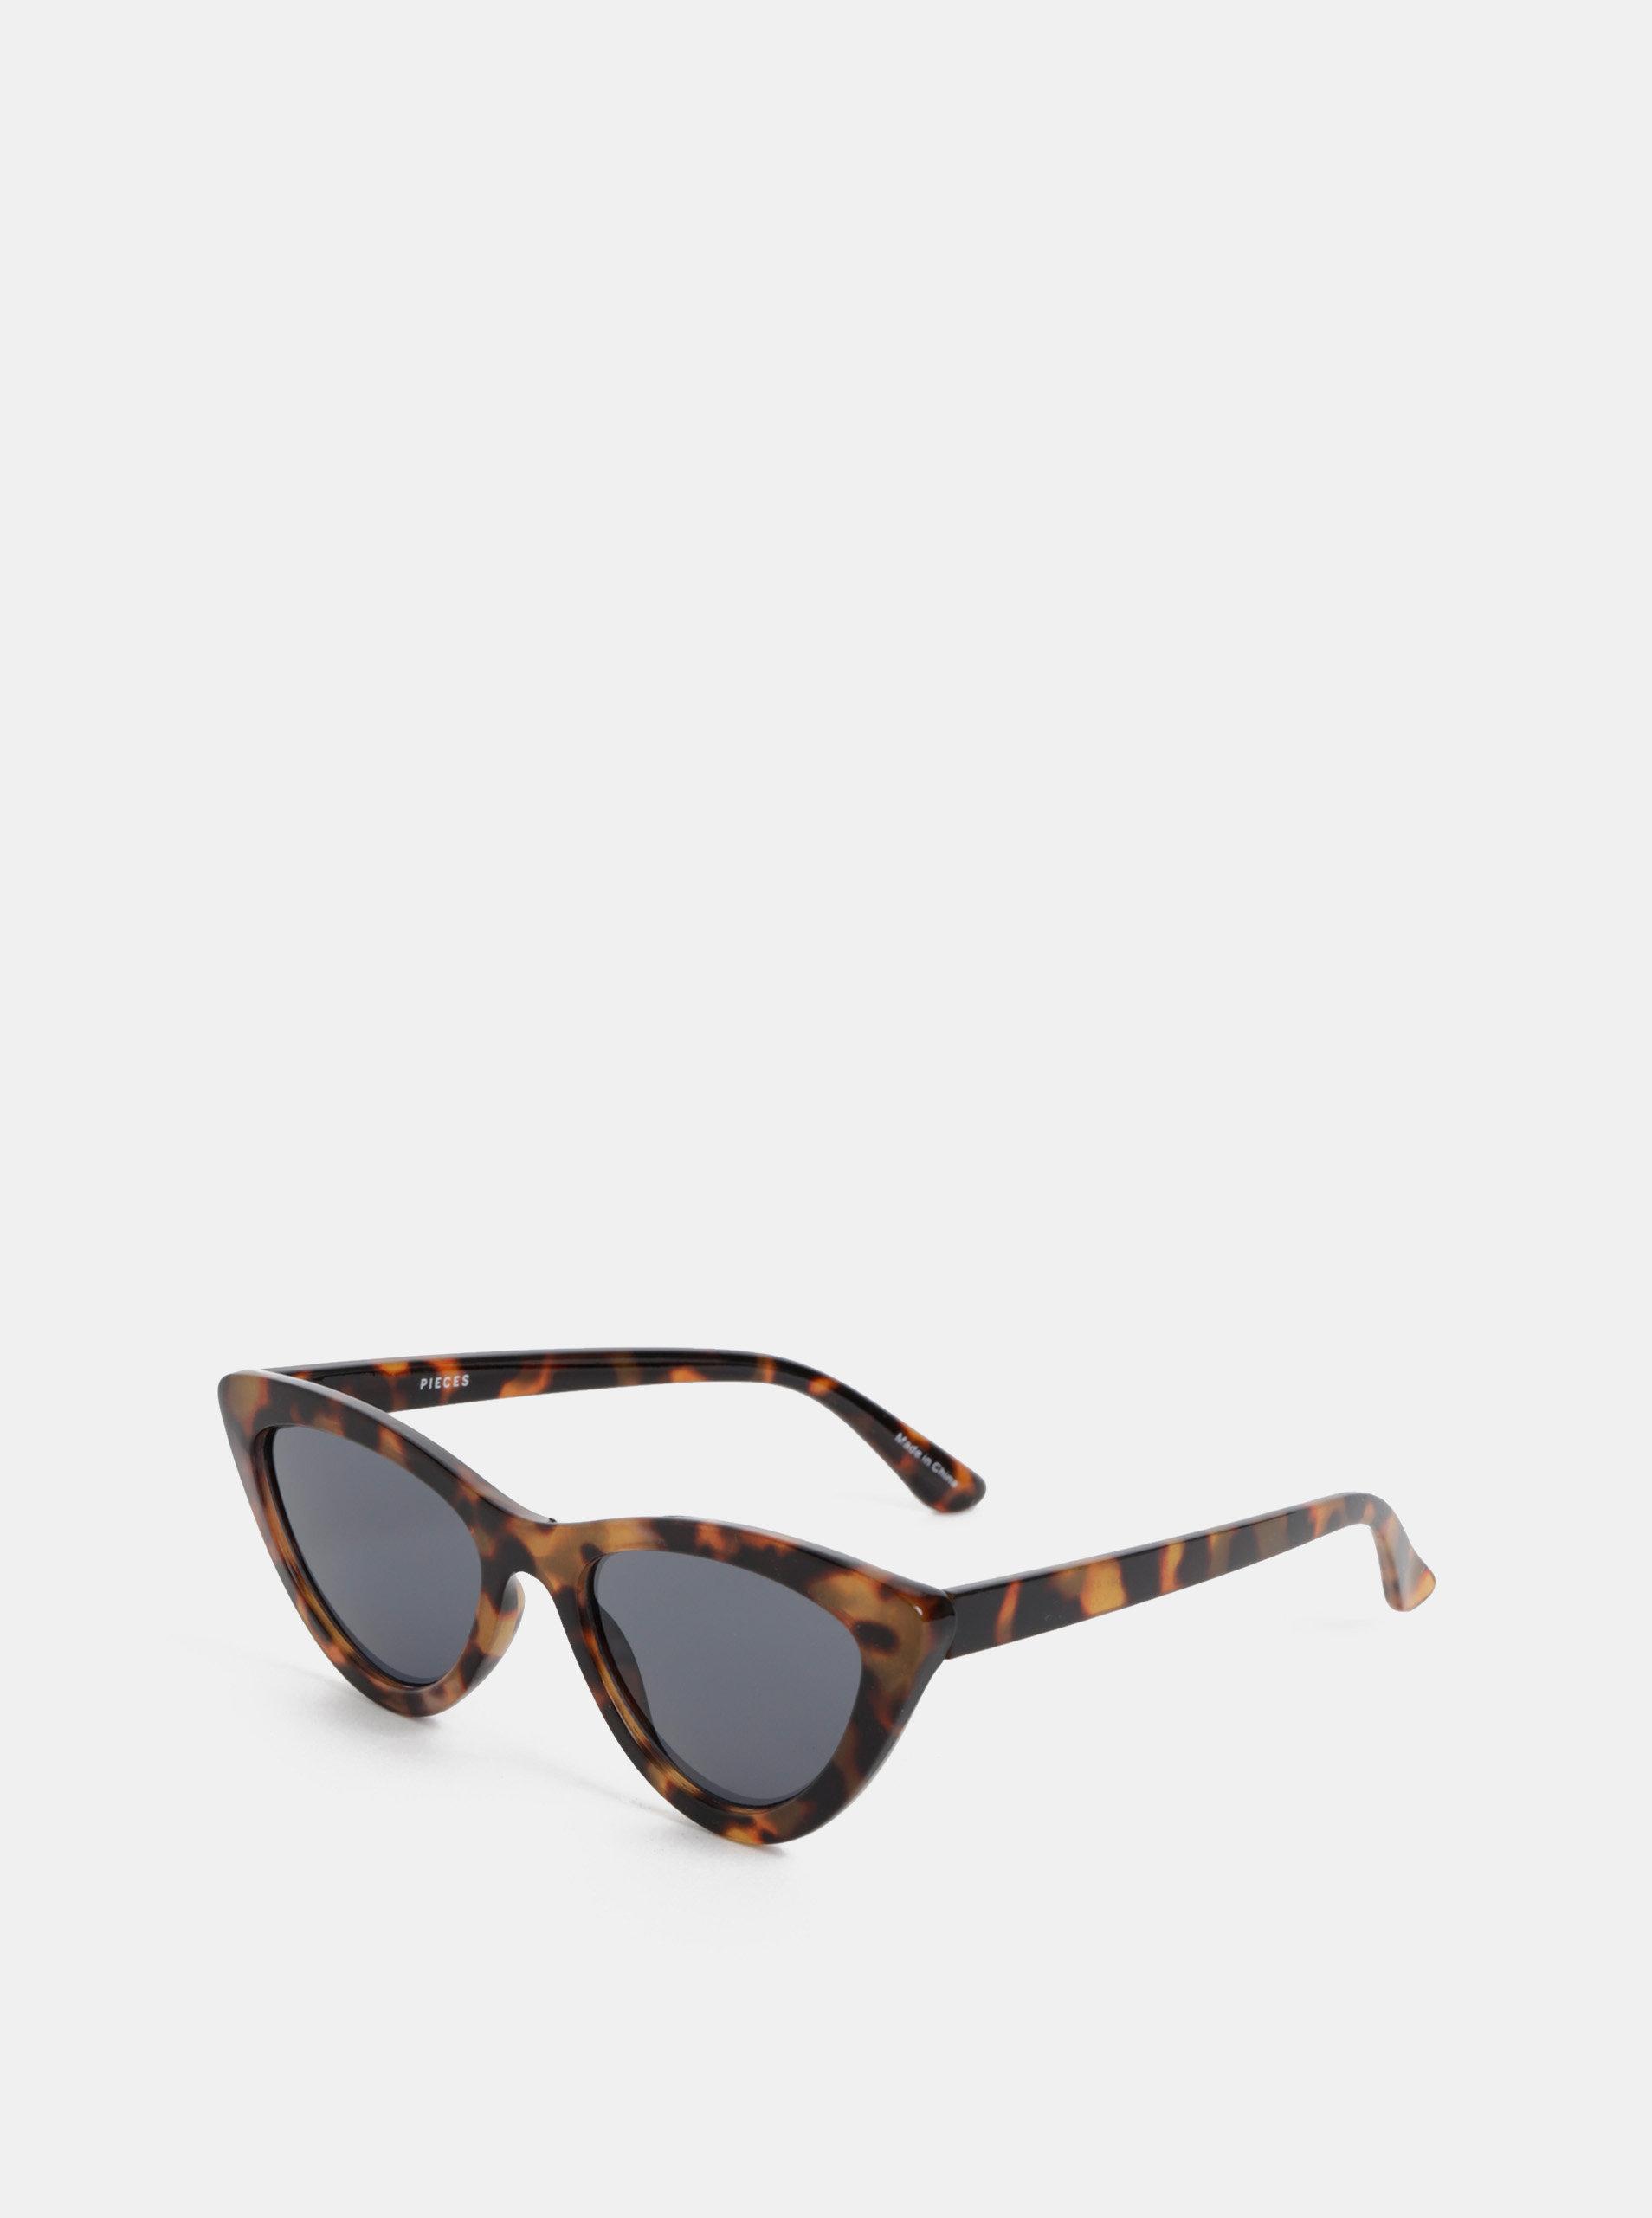 927da8d57 Hnedé vzorované slnečné okuliare Pieces Sally | ZOOT.sk